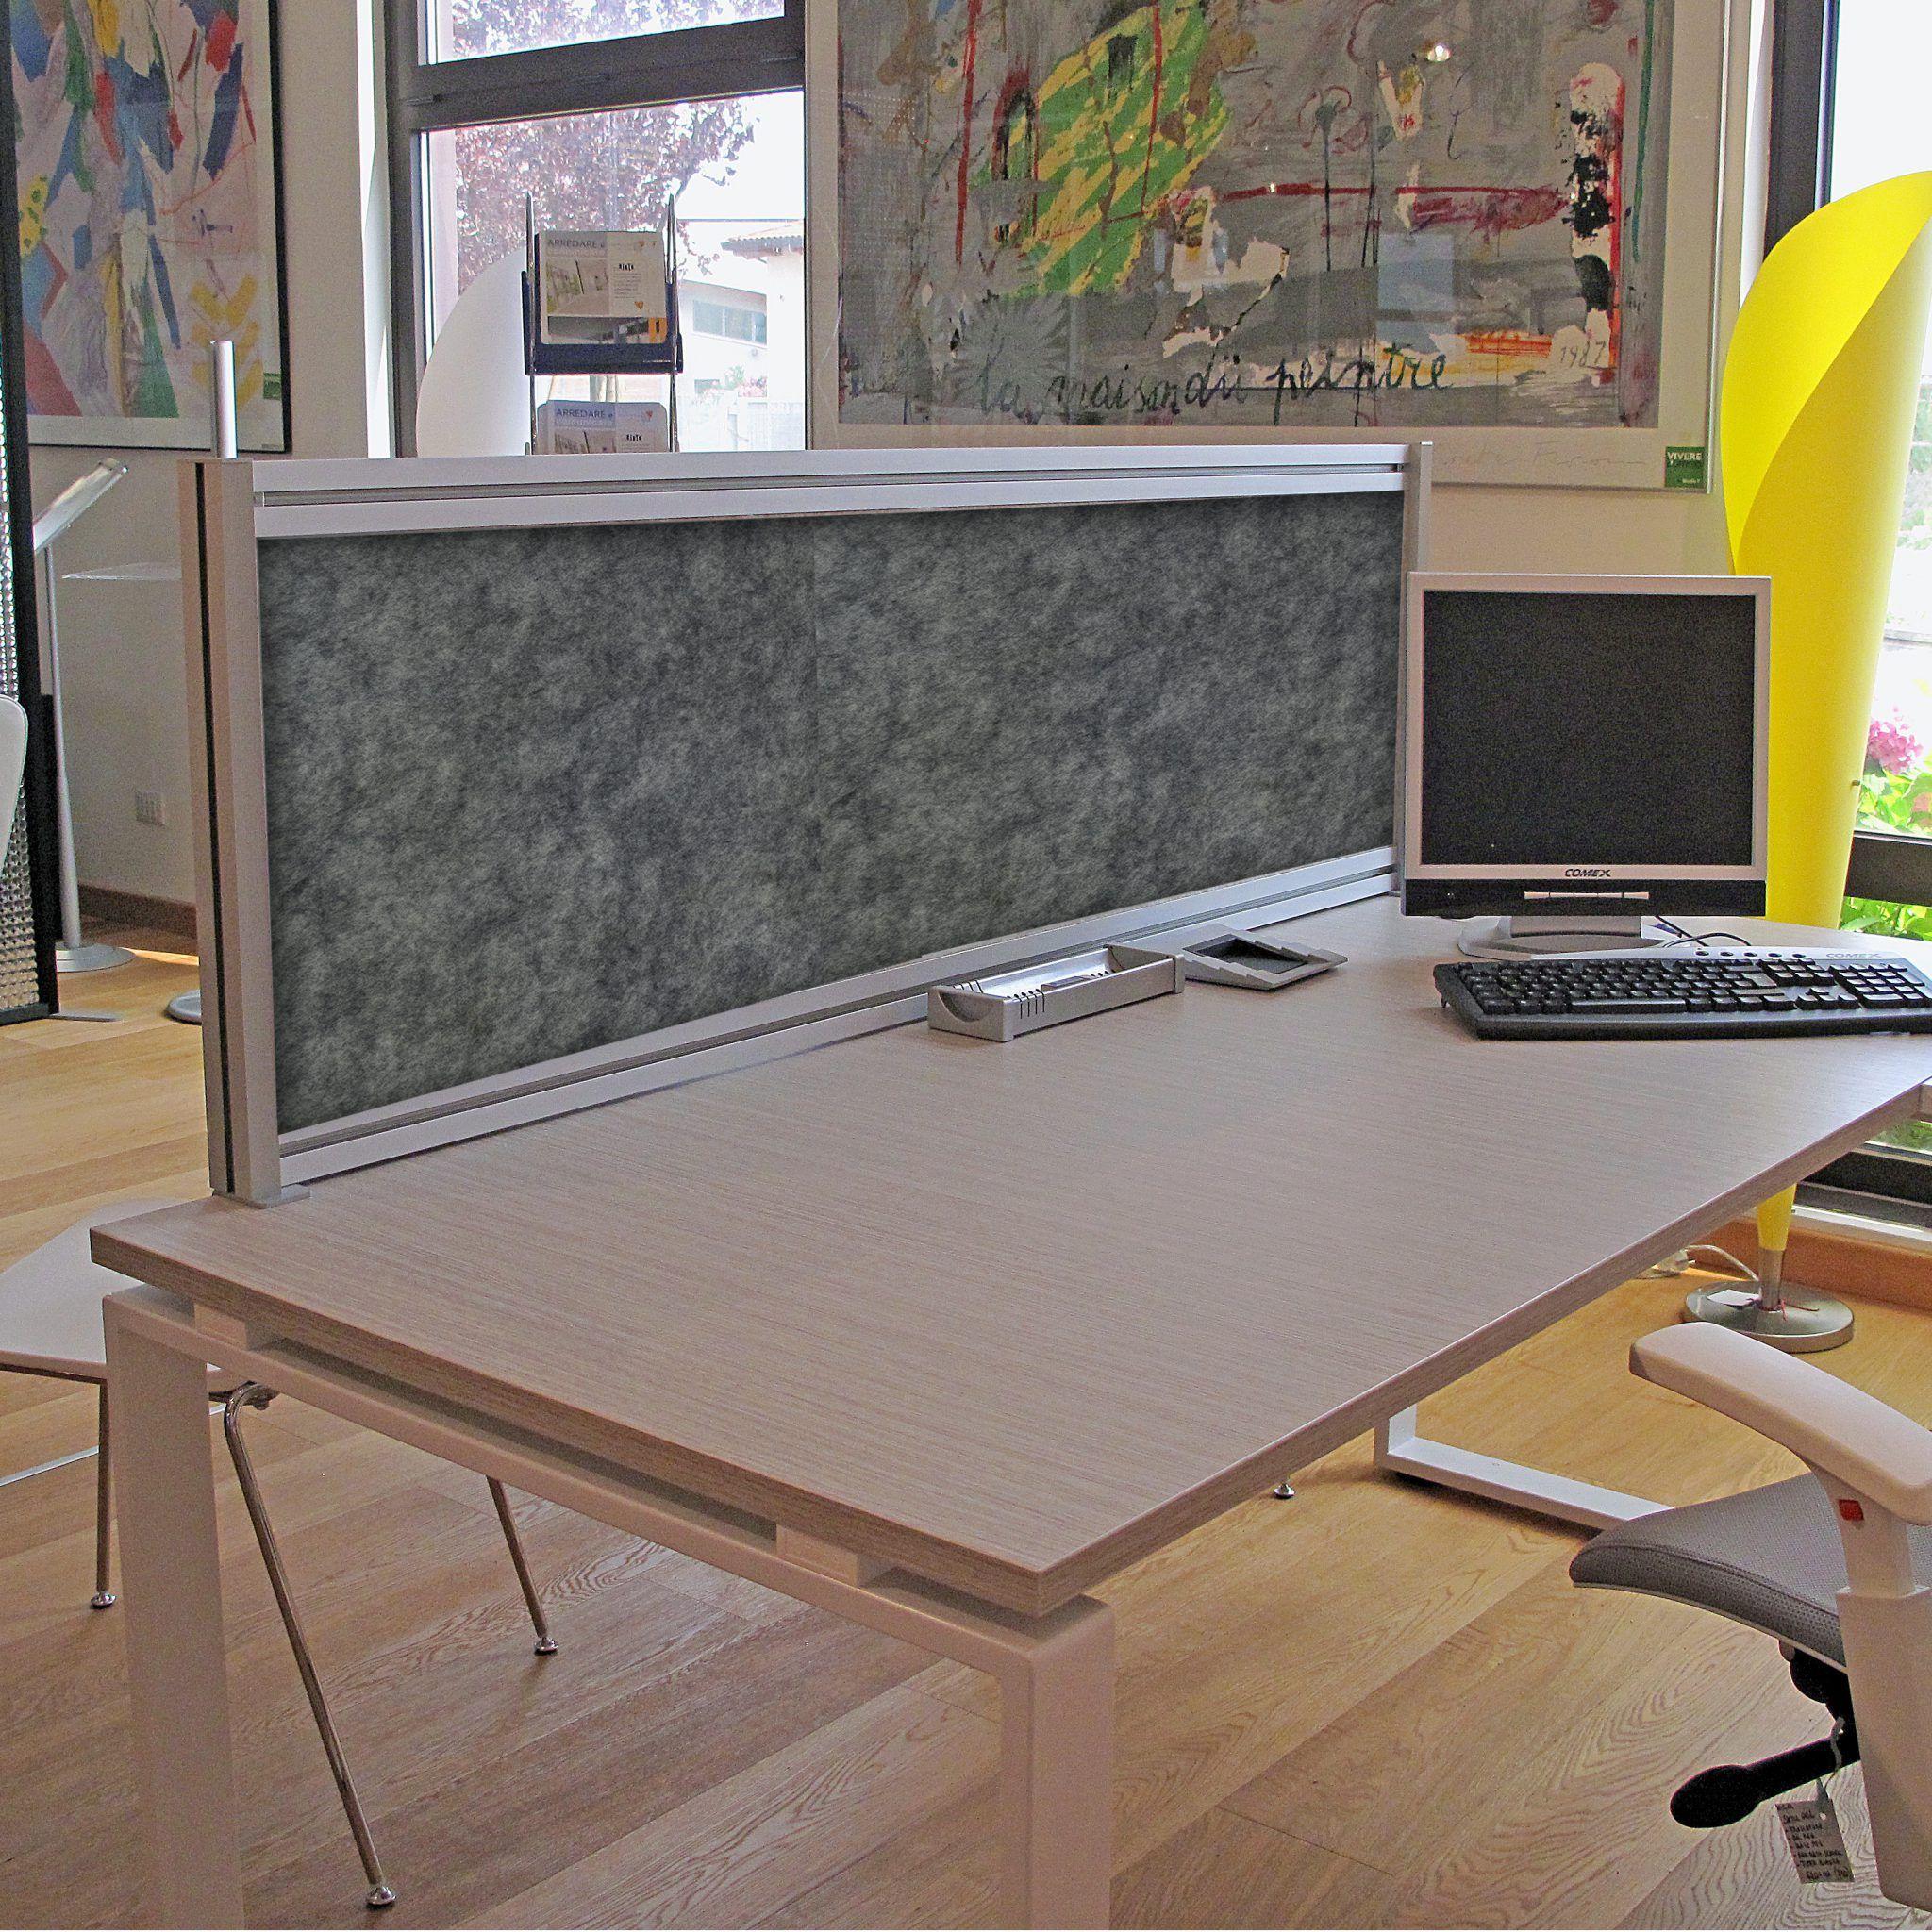 Pannelli divisori with pannelli divisori for Progetta i tuoi mobili per ufficio